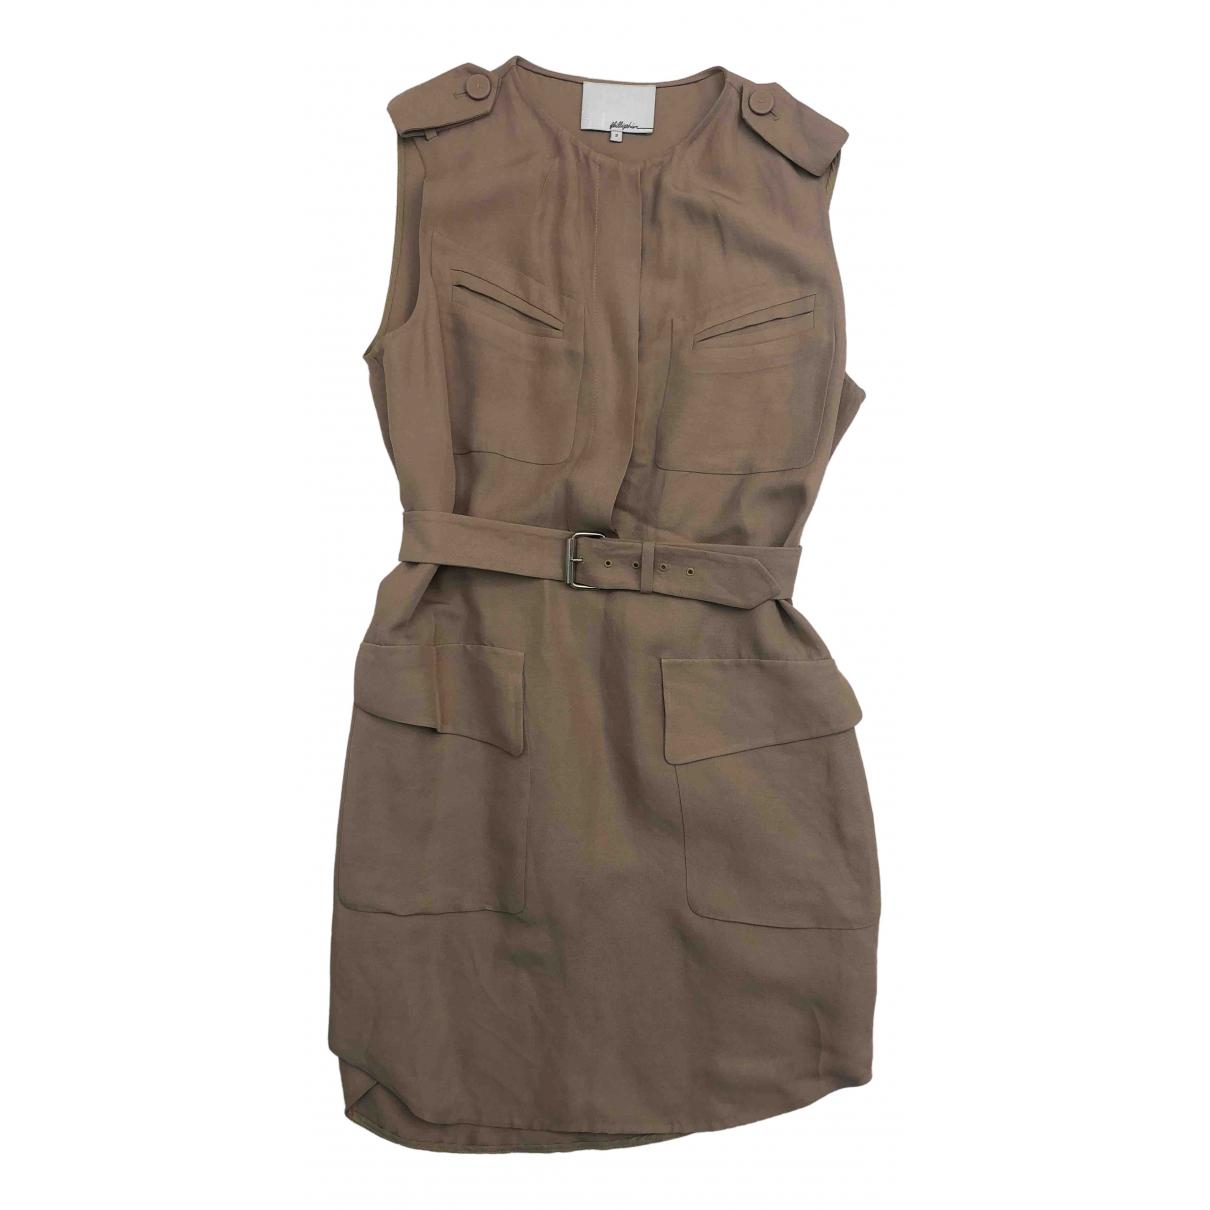 3.1 Phillip Lim \N Camel dress for Women 2 0-5